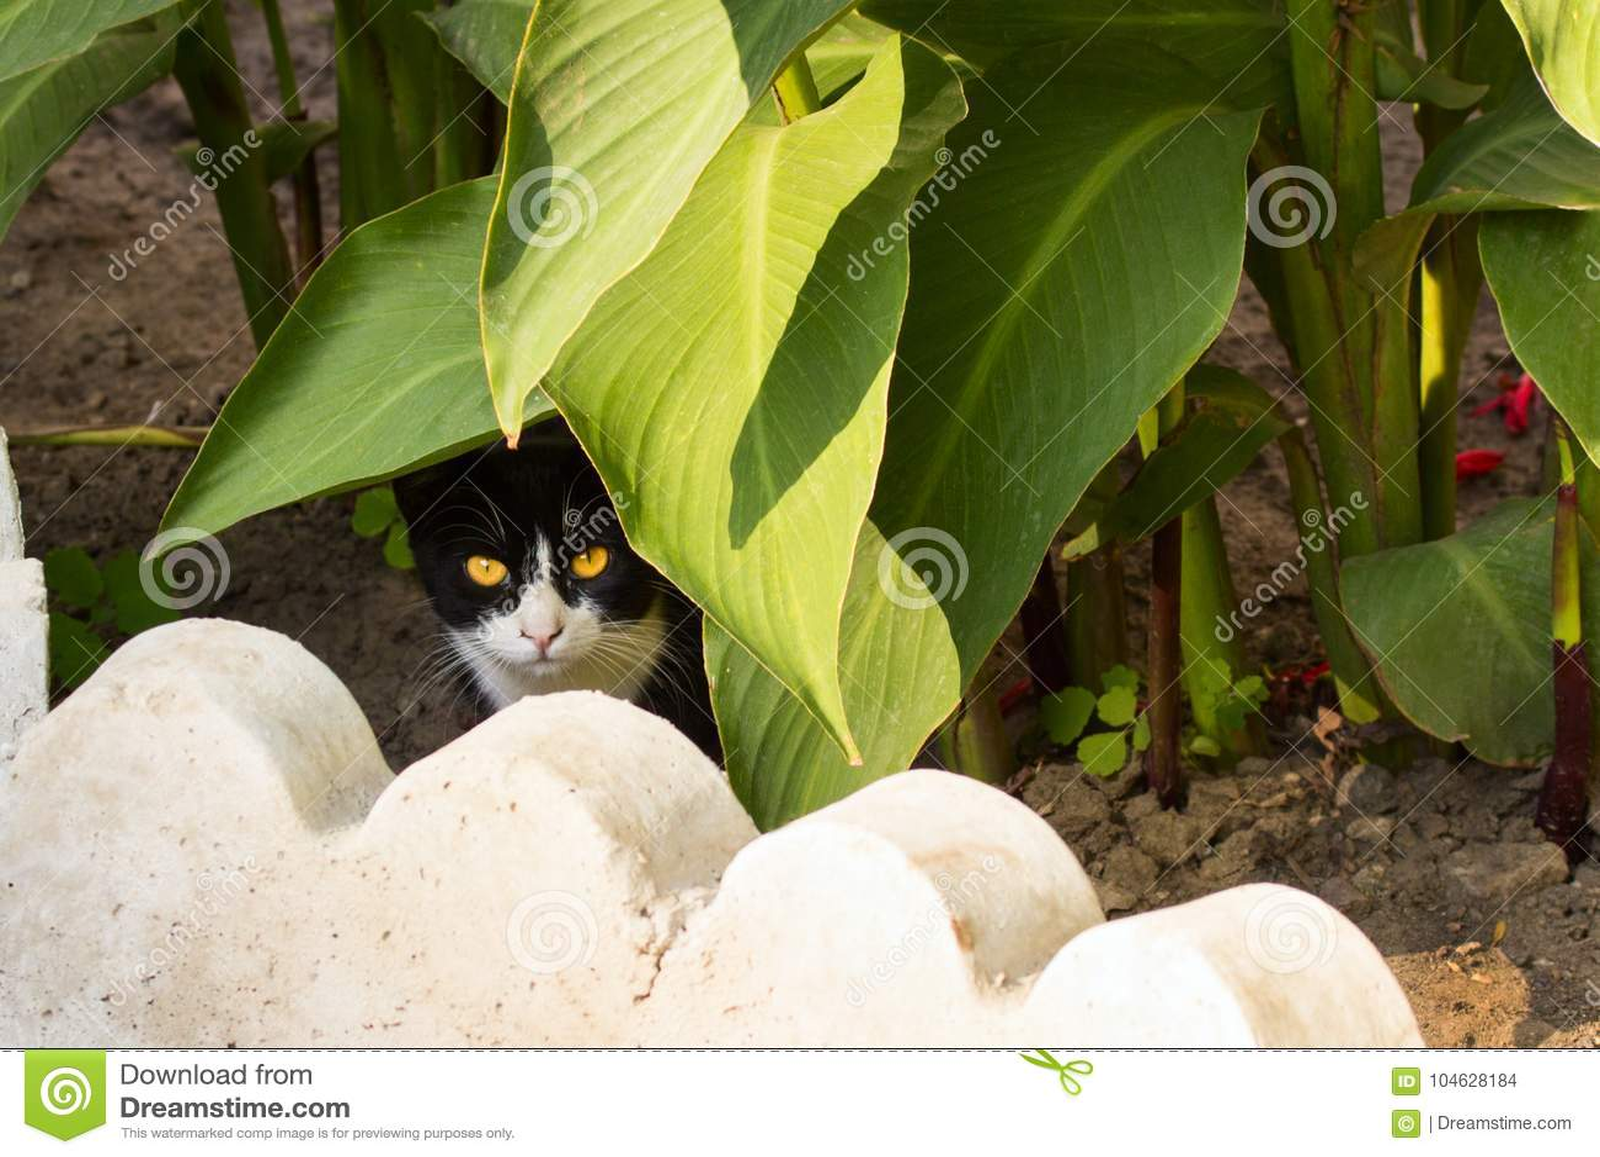 Download Kat Met Een Zwart-wit Gezicht En Heldere Ogen Stock Foto - Afbeelding bestaande uit gezicht, helder: 104628184